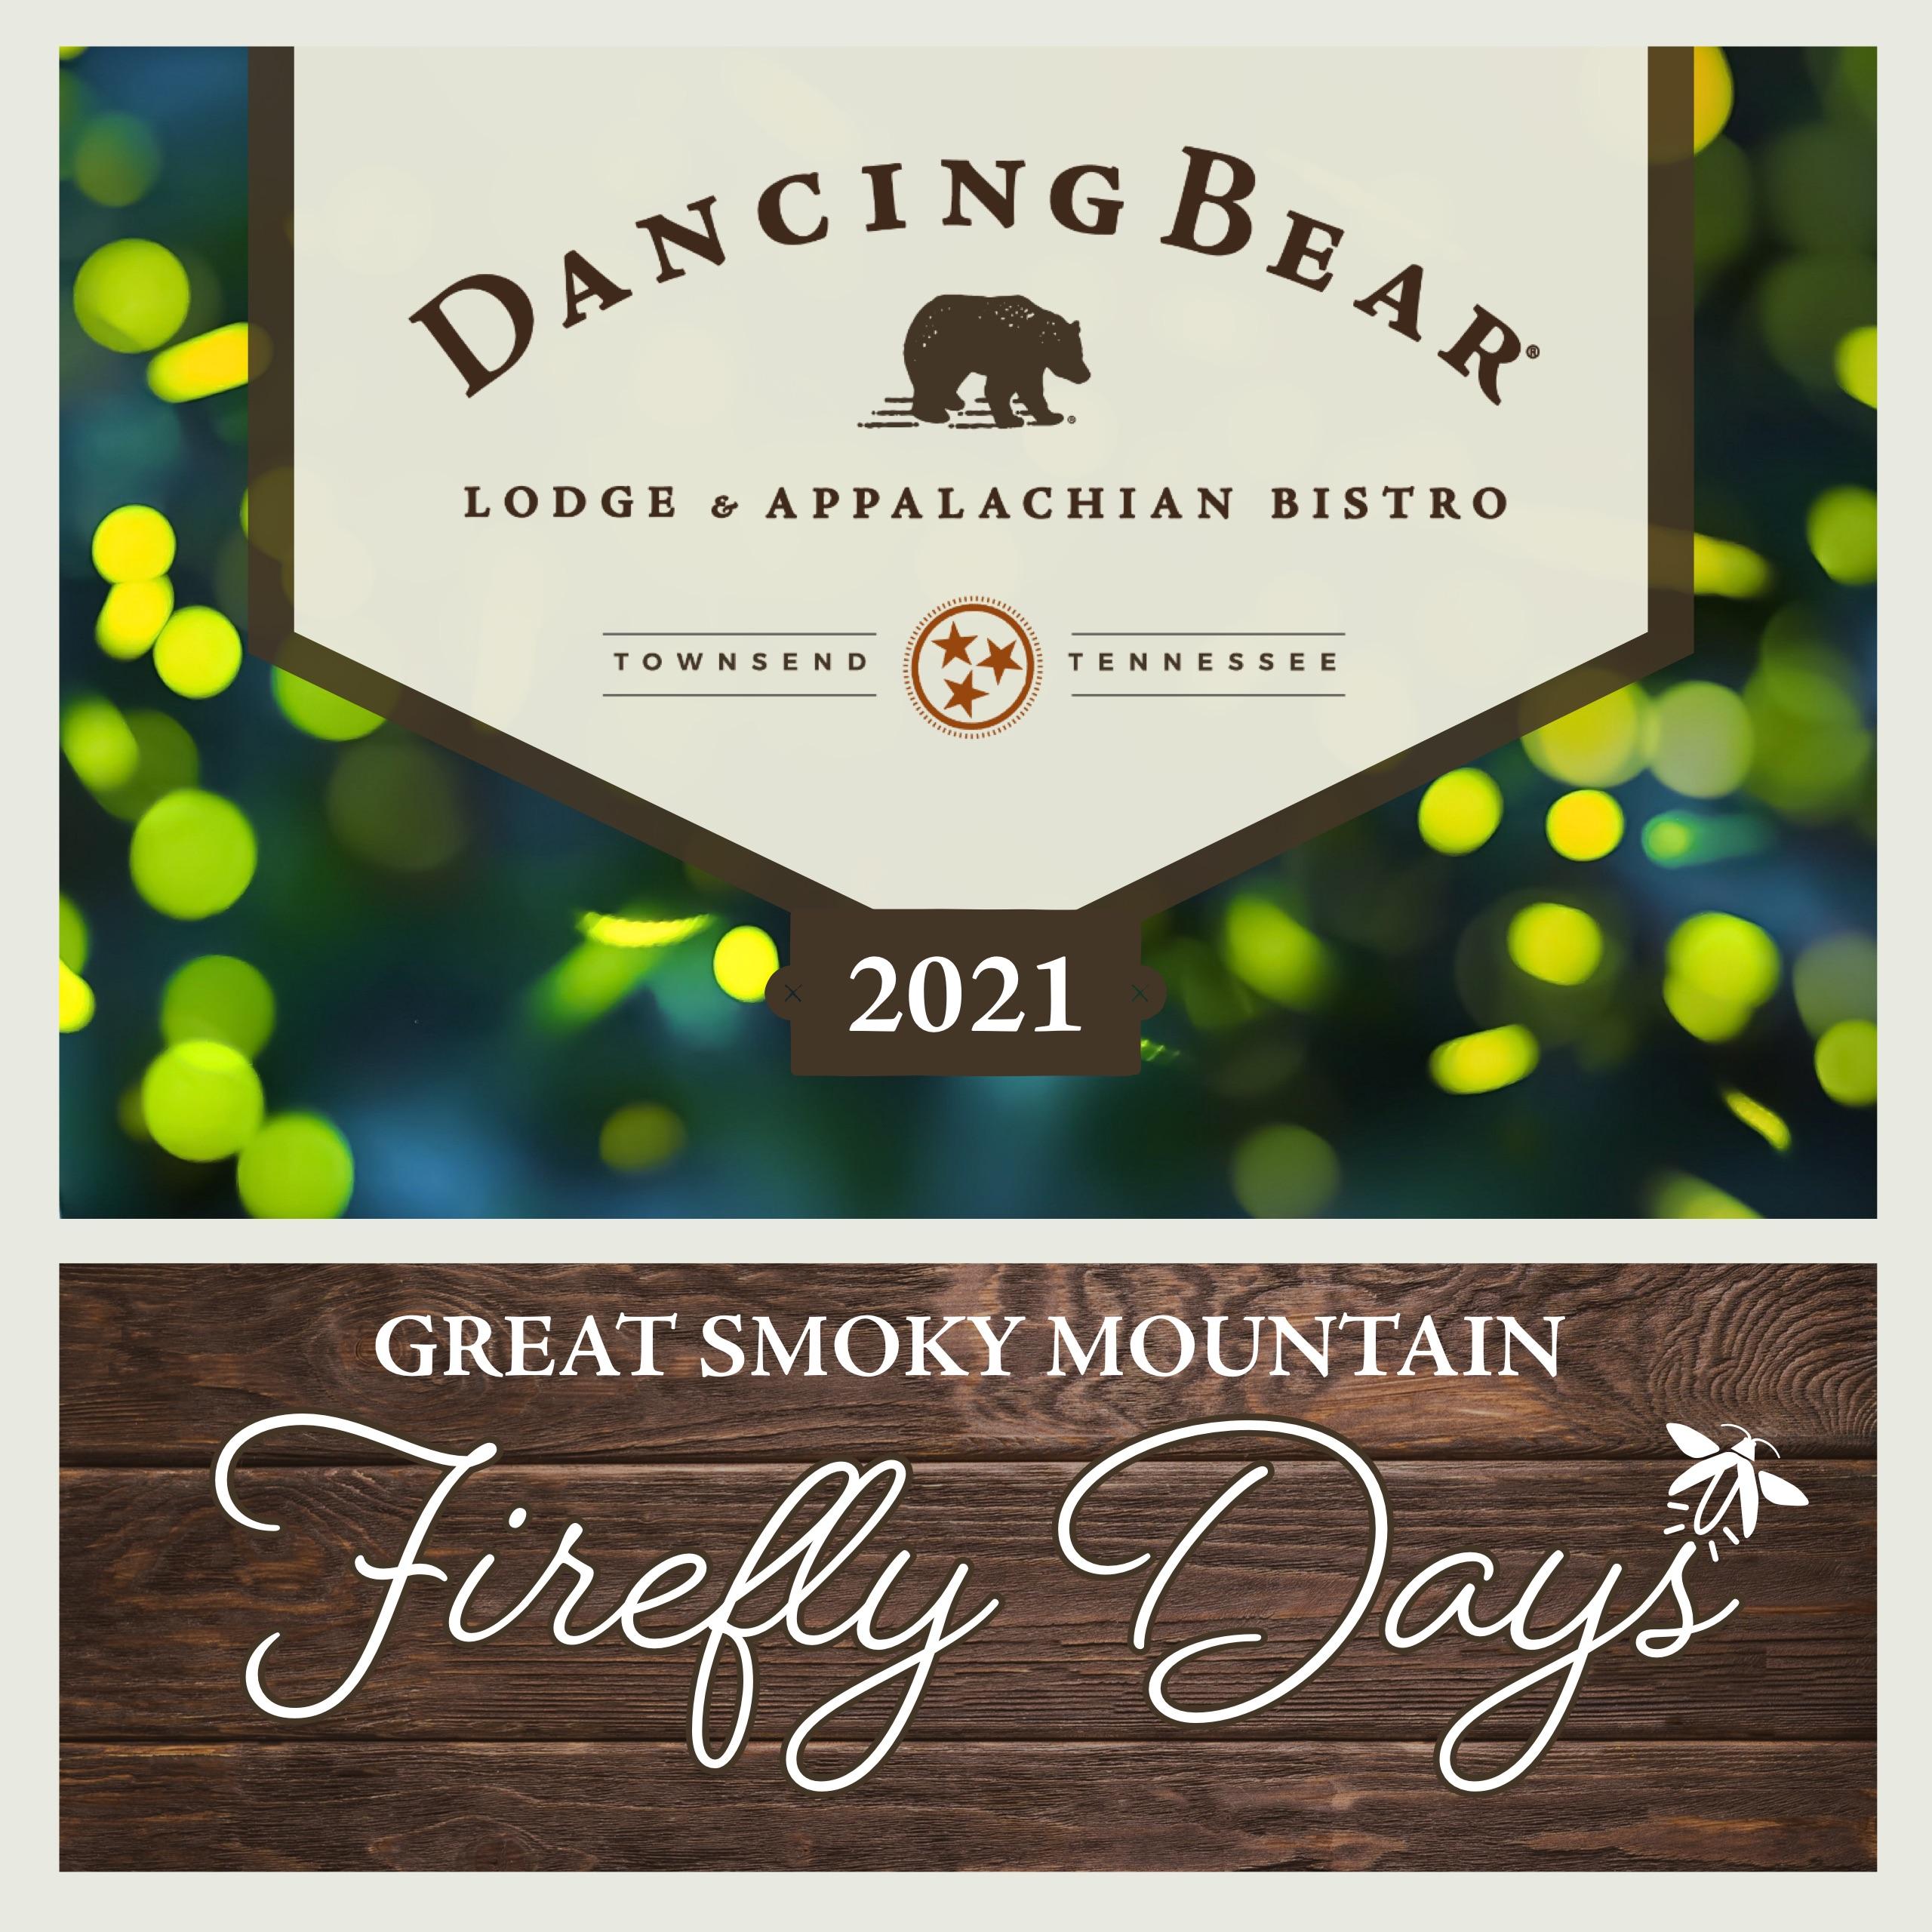 Great Smoky Mountain Firefly Days